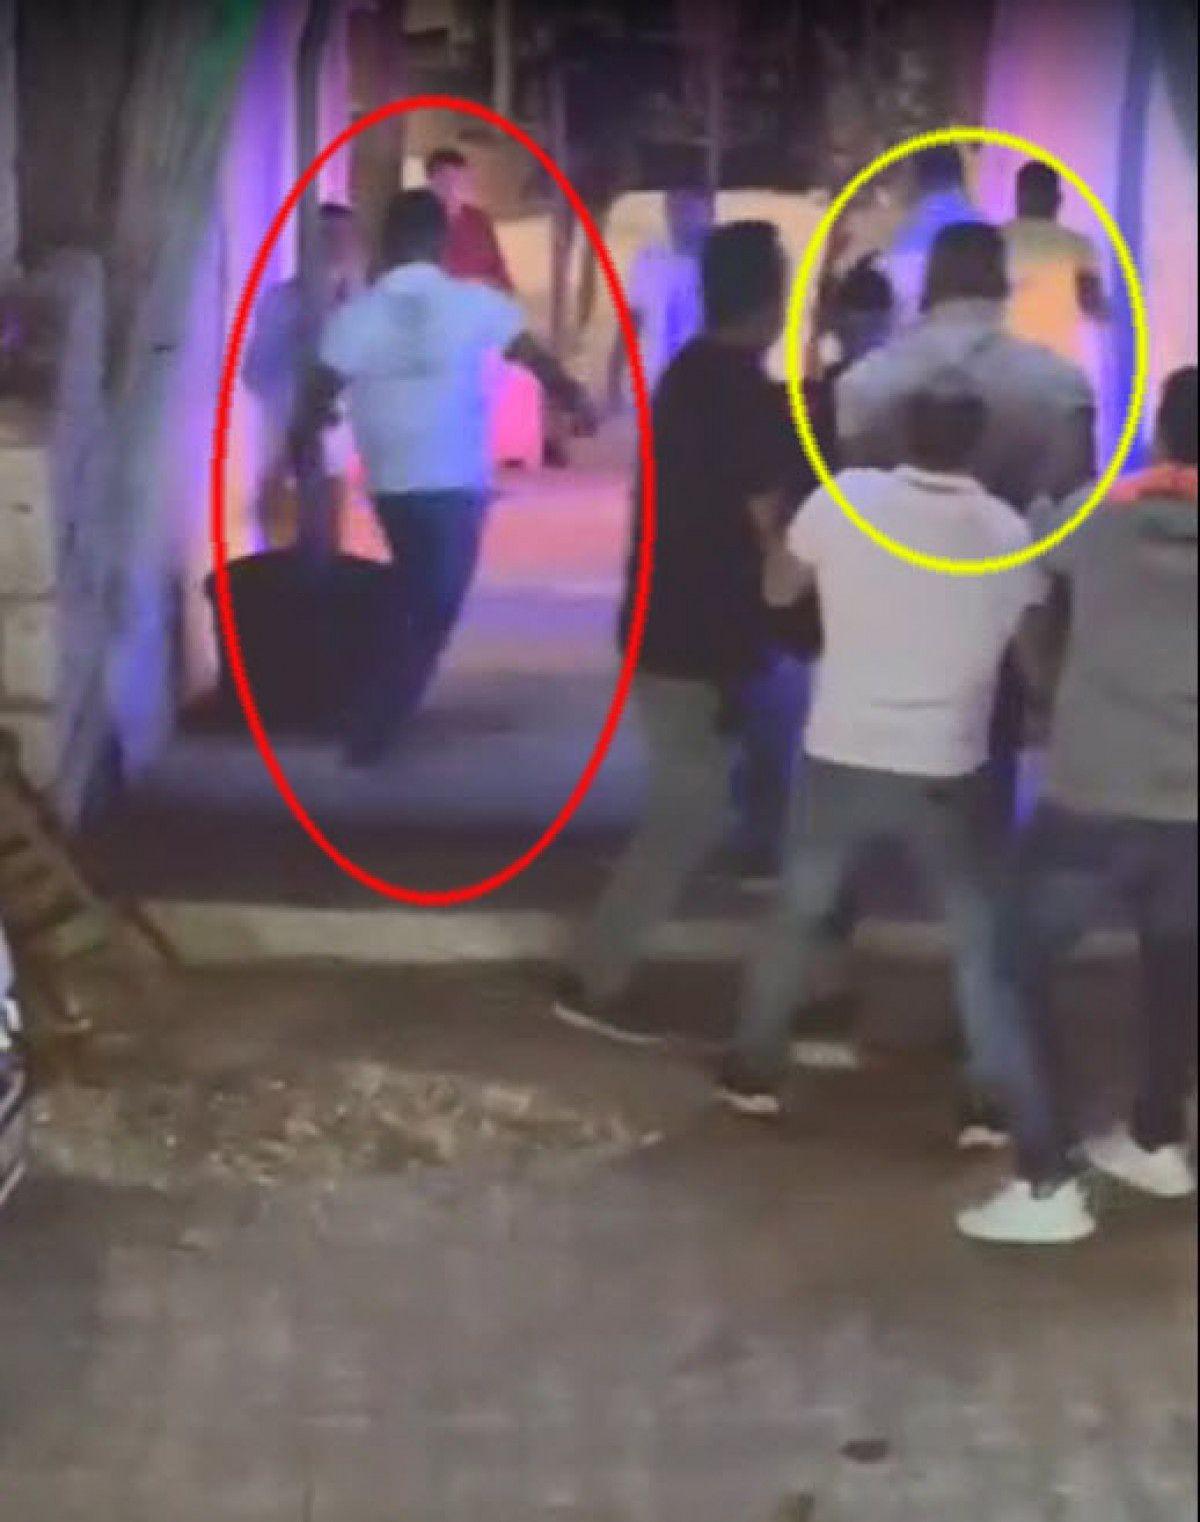 Çeşme de gece kulübündeki kavgada 1 kişinin öldürülme anı kamerada #8